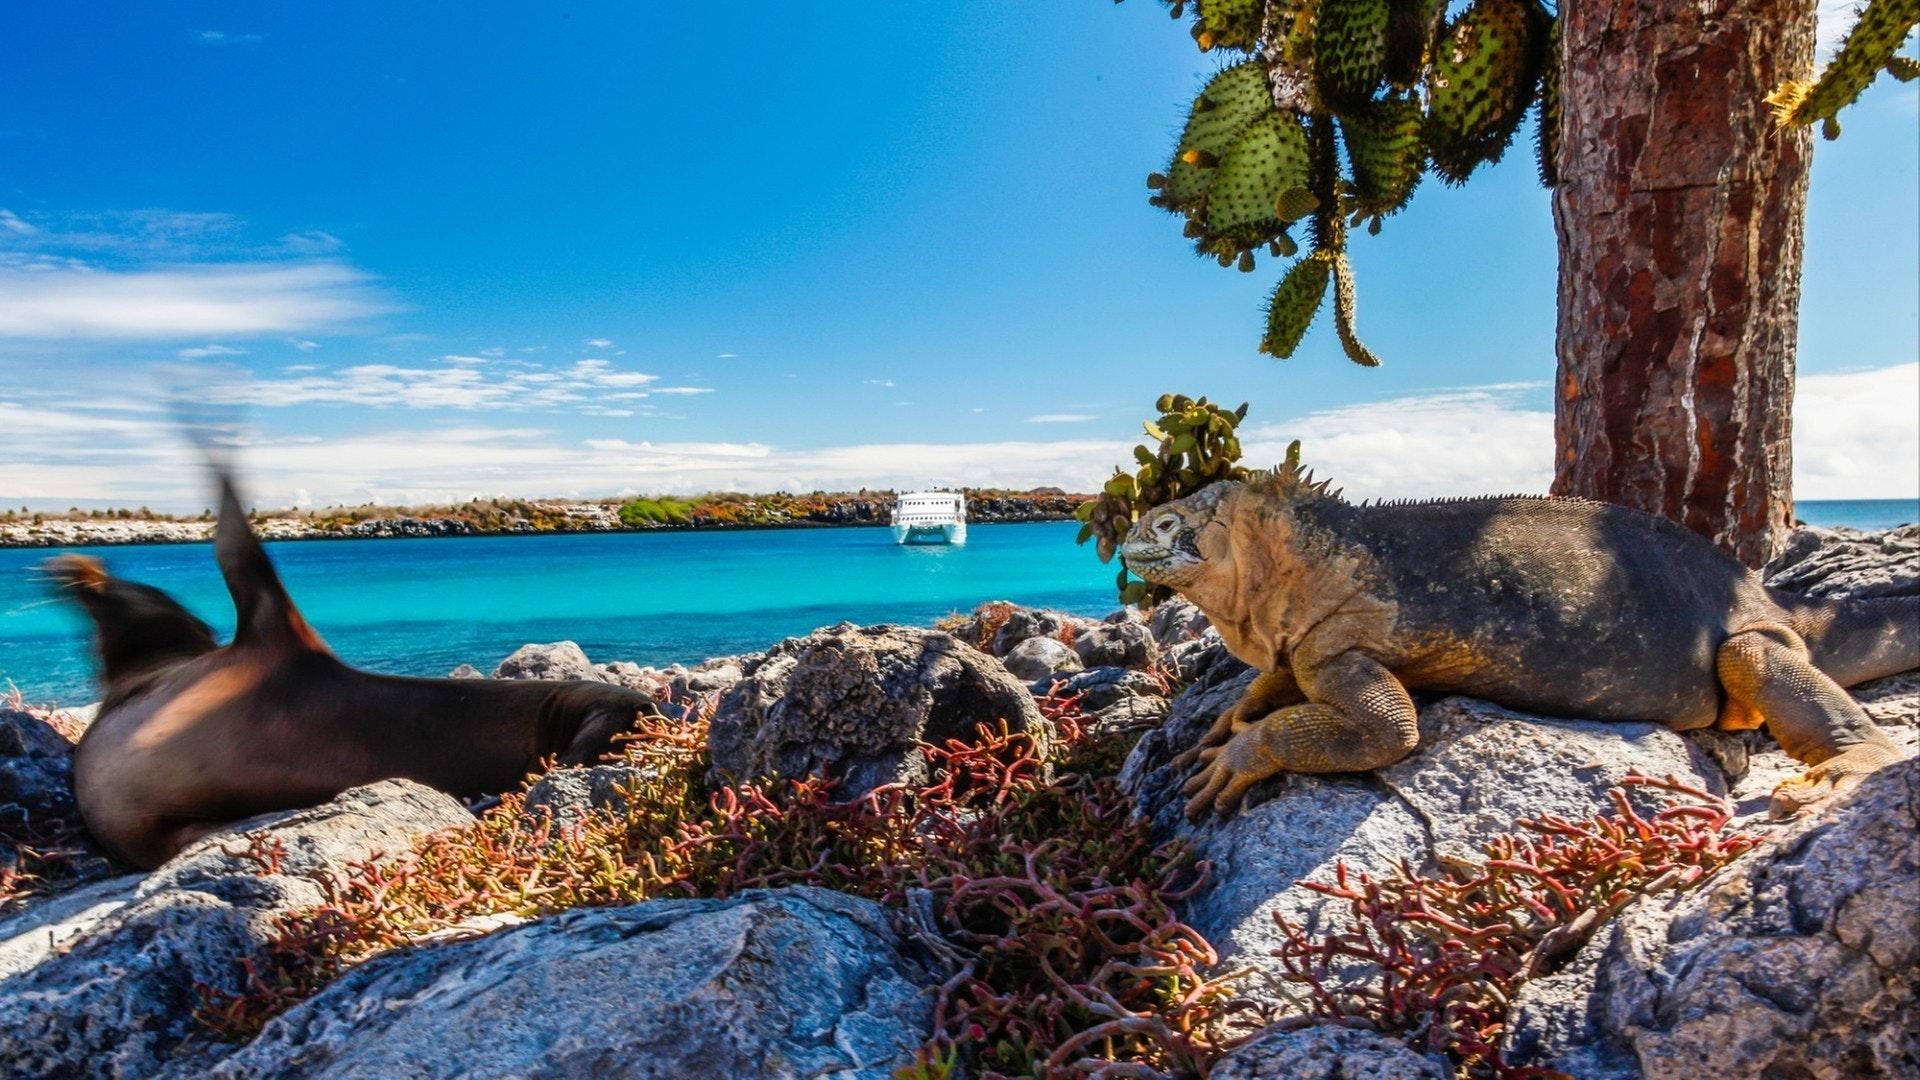 Terra iguana e leone marino muovendo la sua pinna sullo sfondo una barca bianca